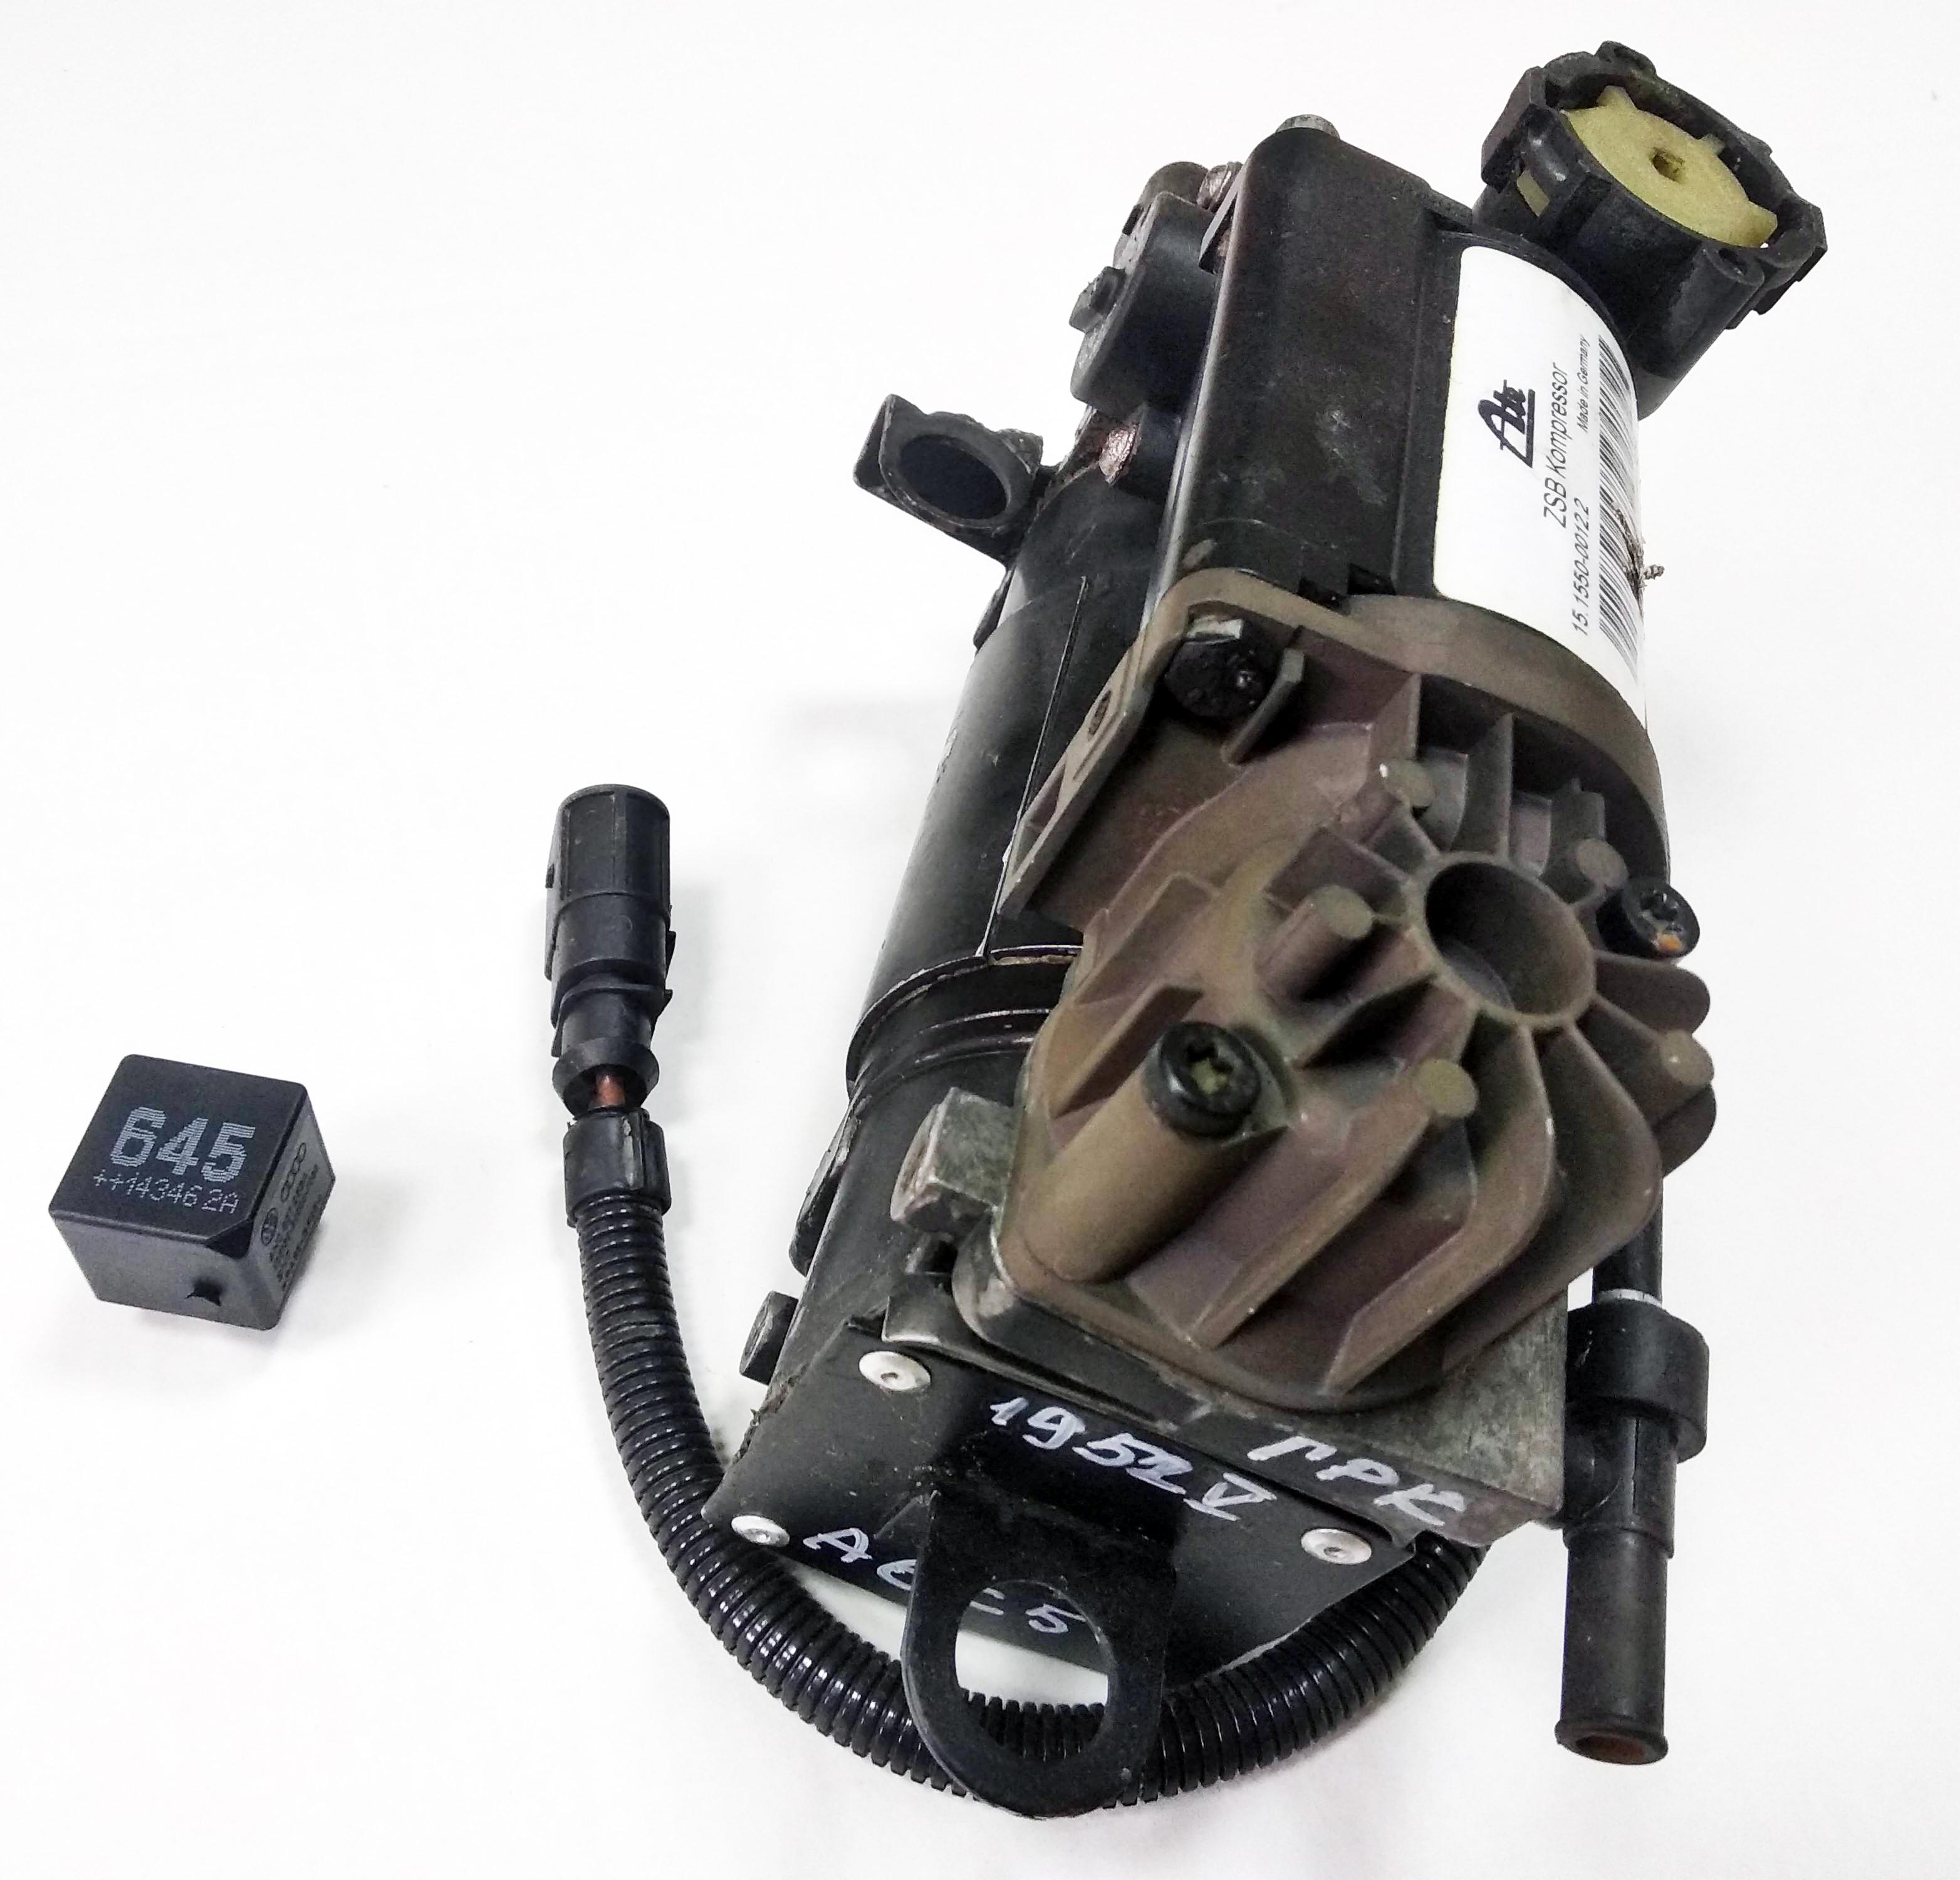 картинка Оригинальный восстановленный компрессор пневмоподвески Wabco для Audi A6 C5 4B Allroad Quattro (4Z7616007) от магазина пневмоподвески ПневмоМаркет